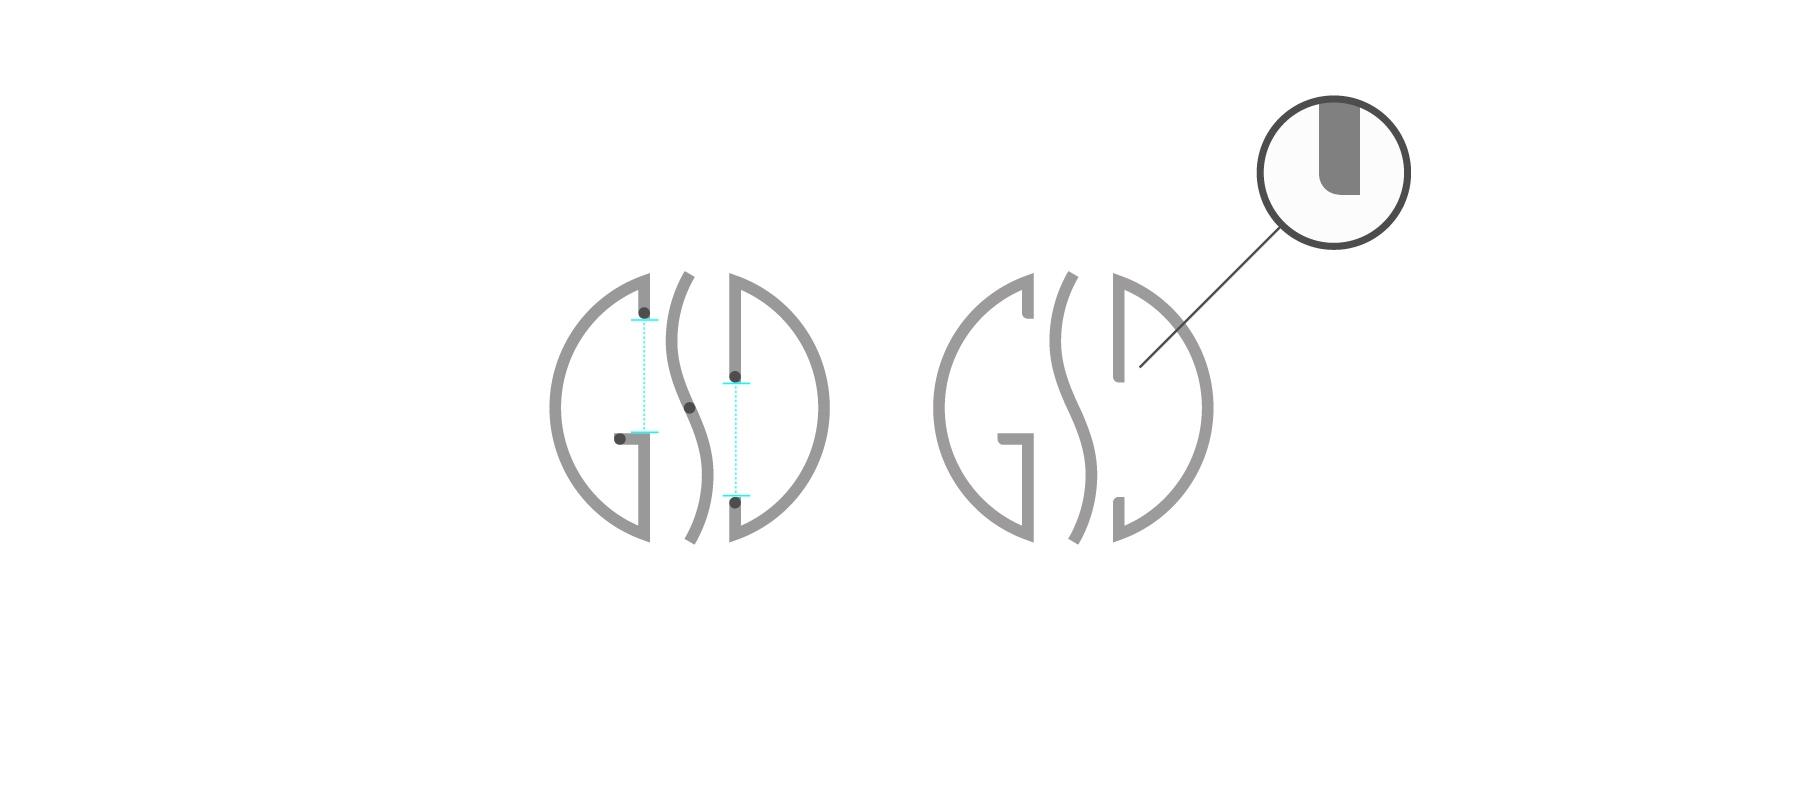 gsd-costruzione-logo-2